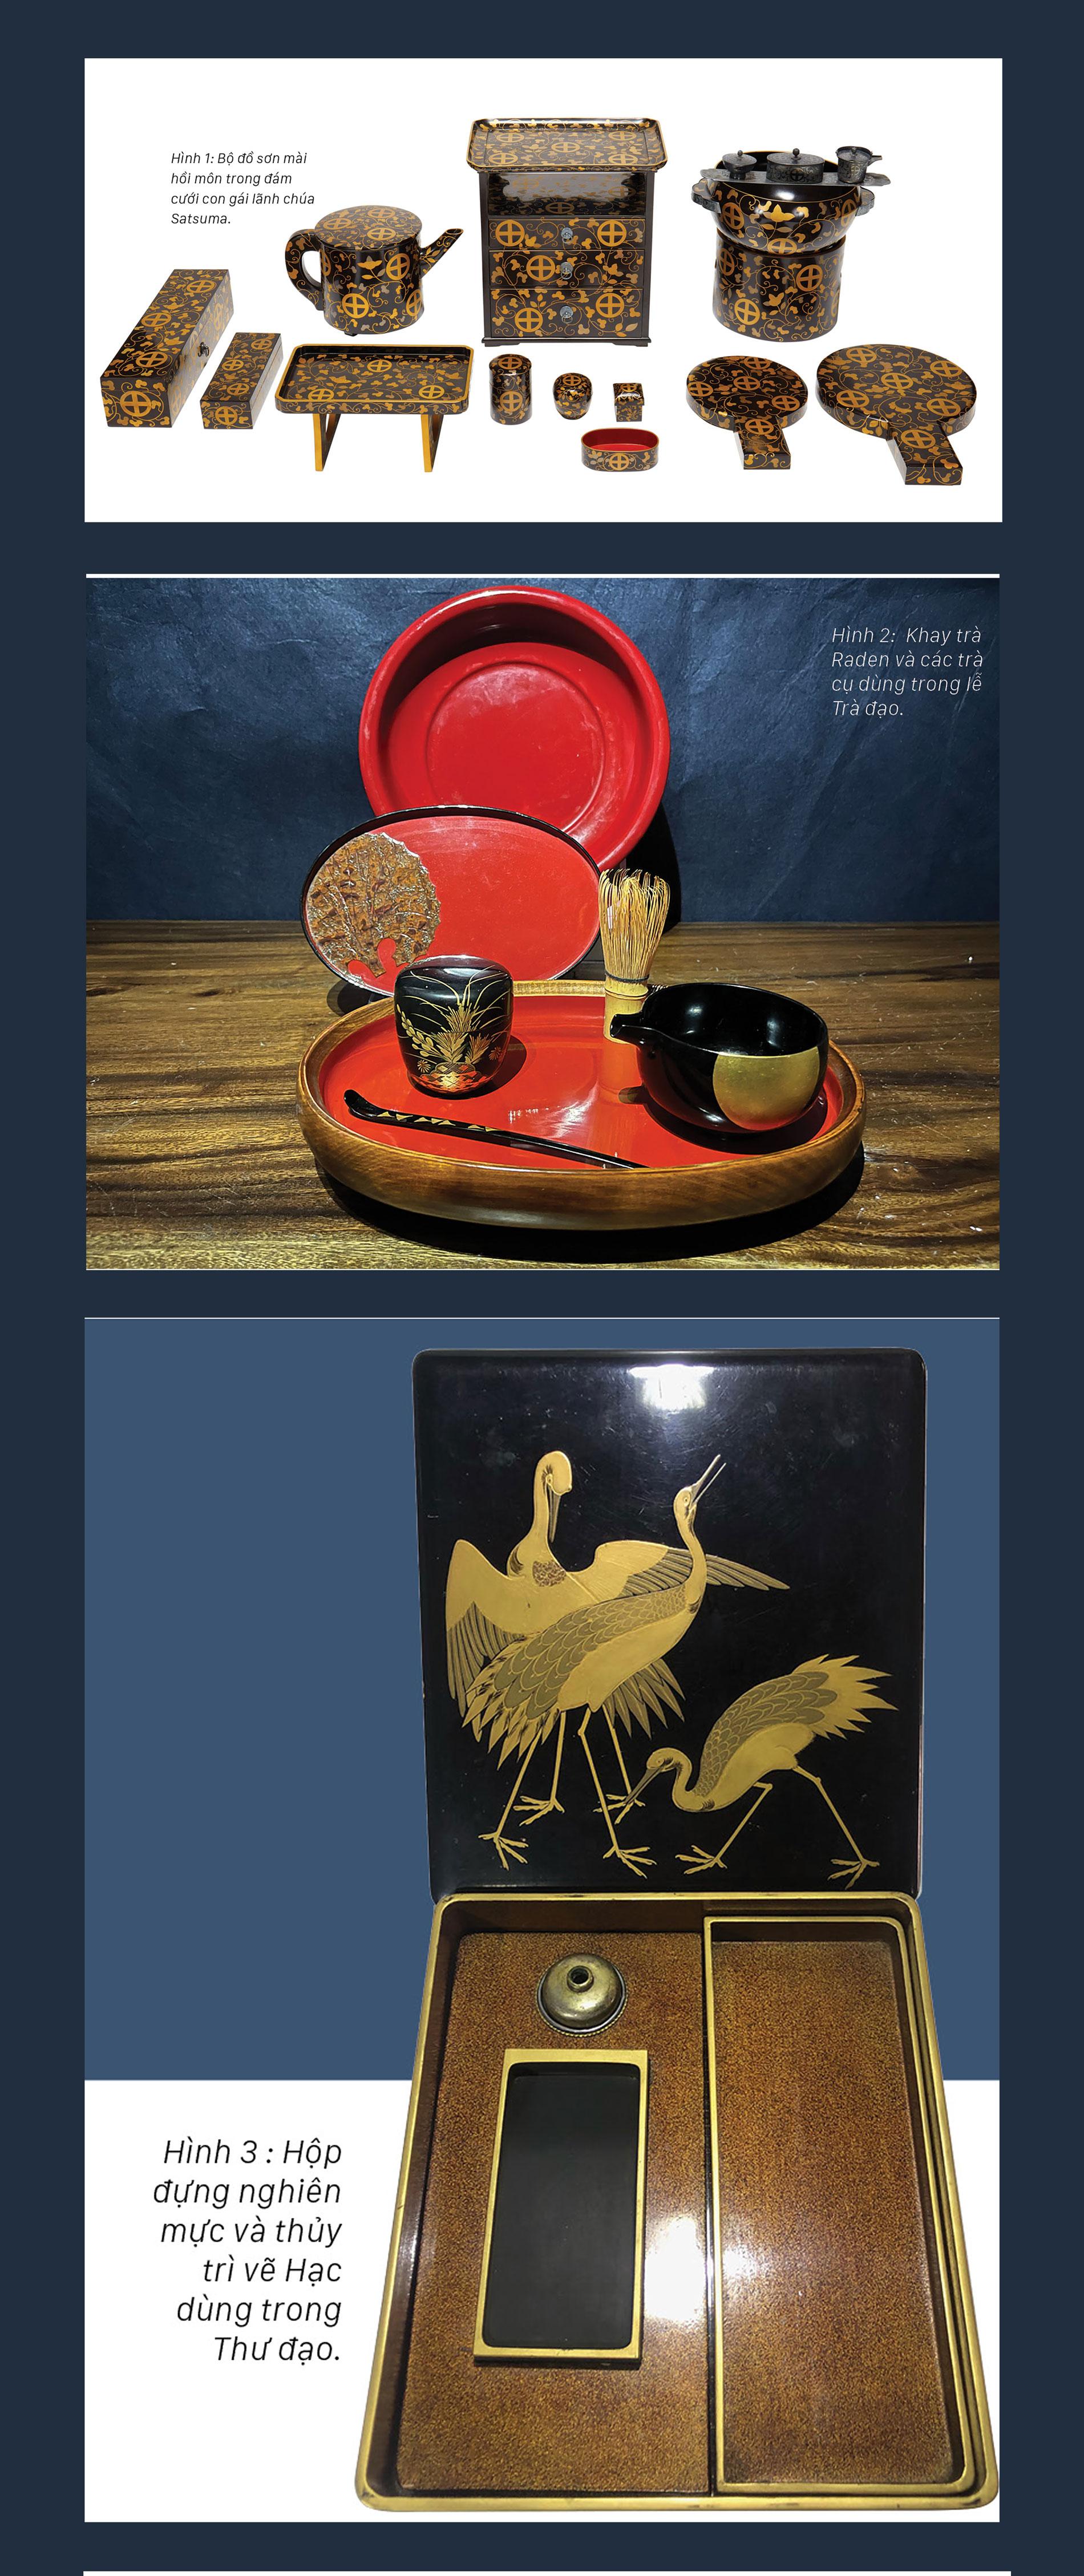 Nghệ thuật Maki-e trên gỗ và những điều  thú vị của sơn mài  xứ Phù Tang ảnh 1